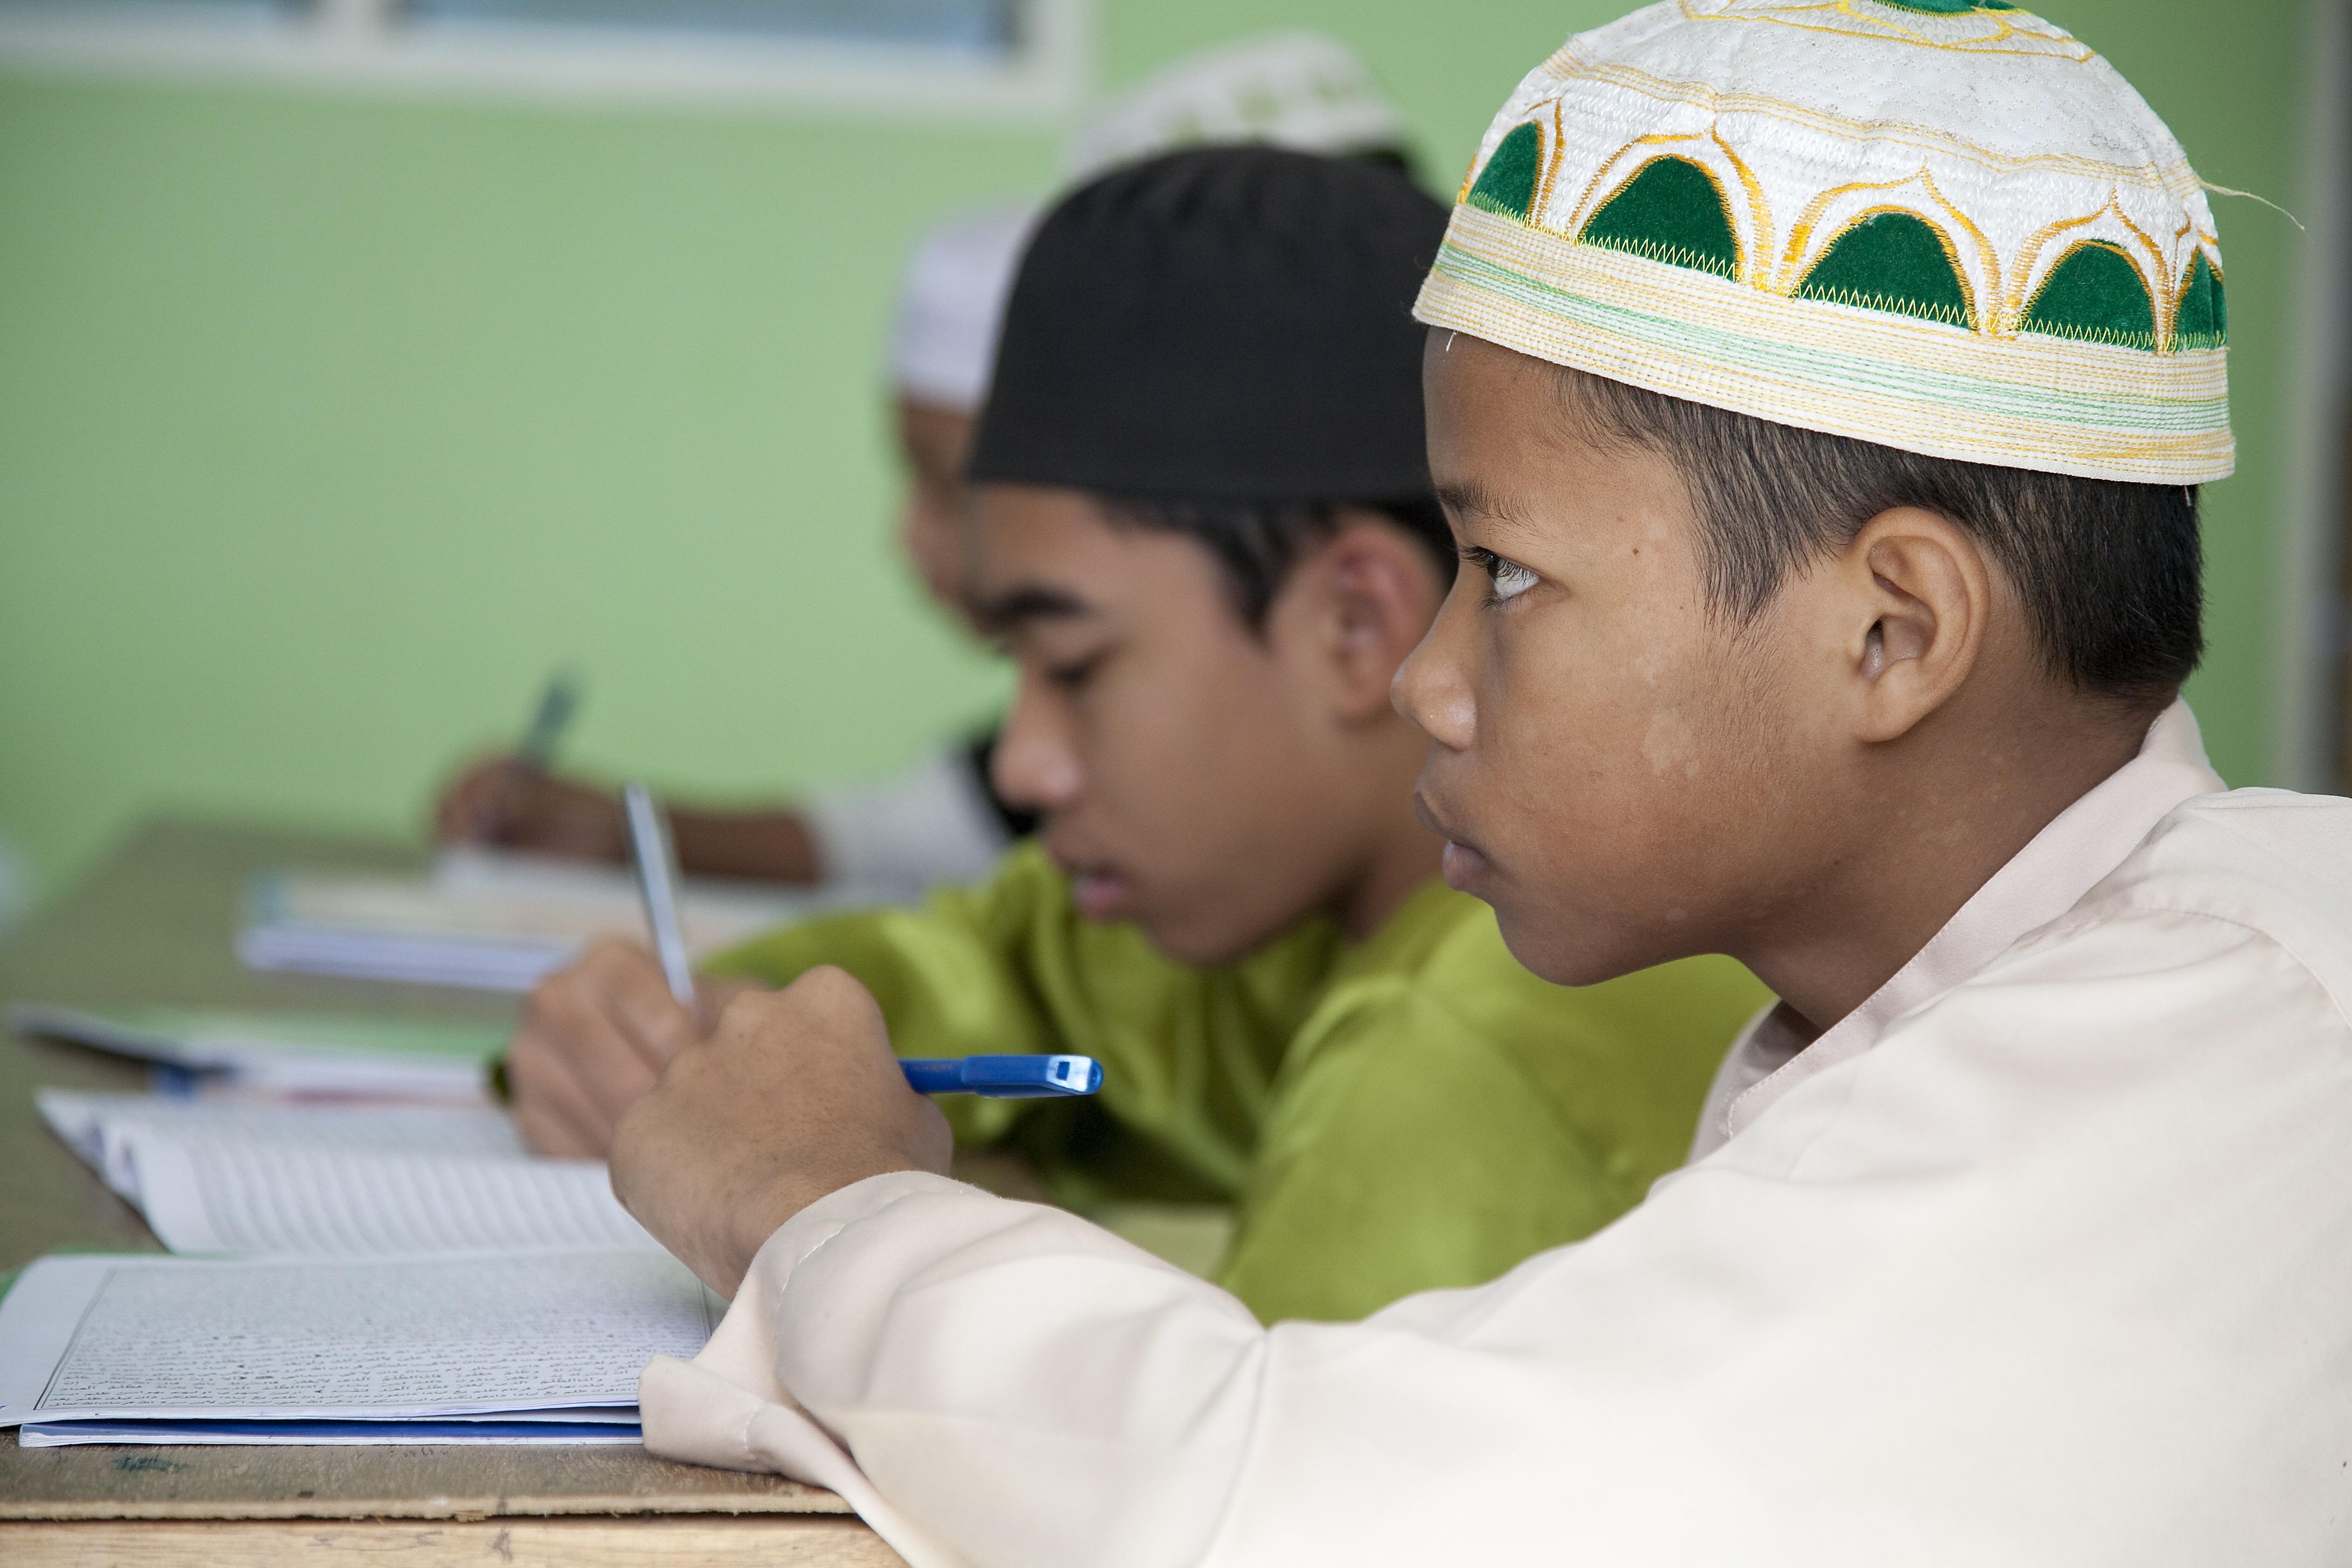 Islamic School Seeks To Steer Sons Of Militants To New